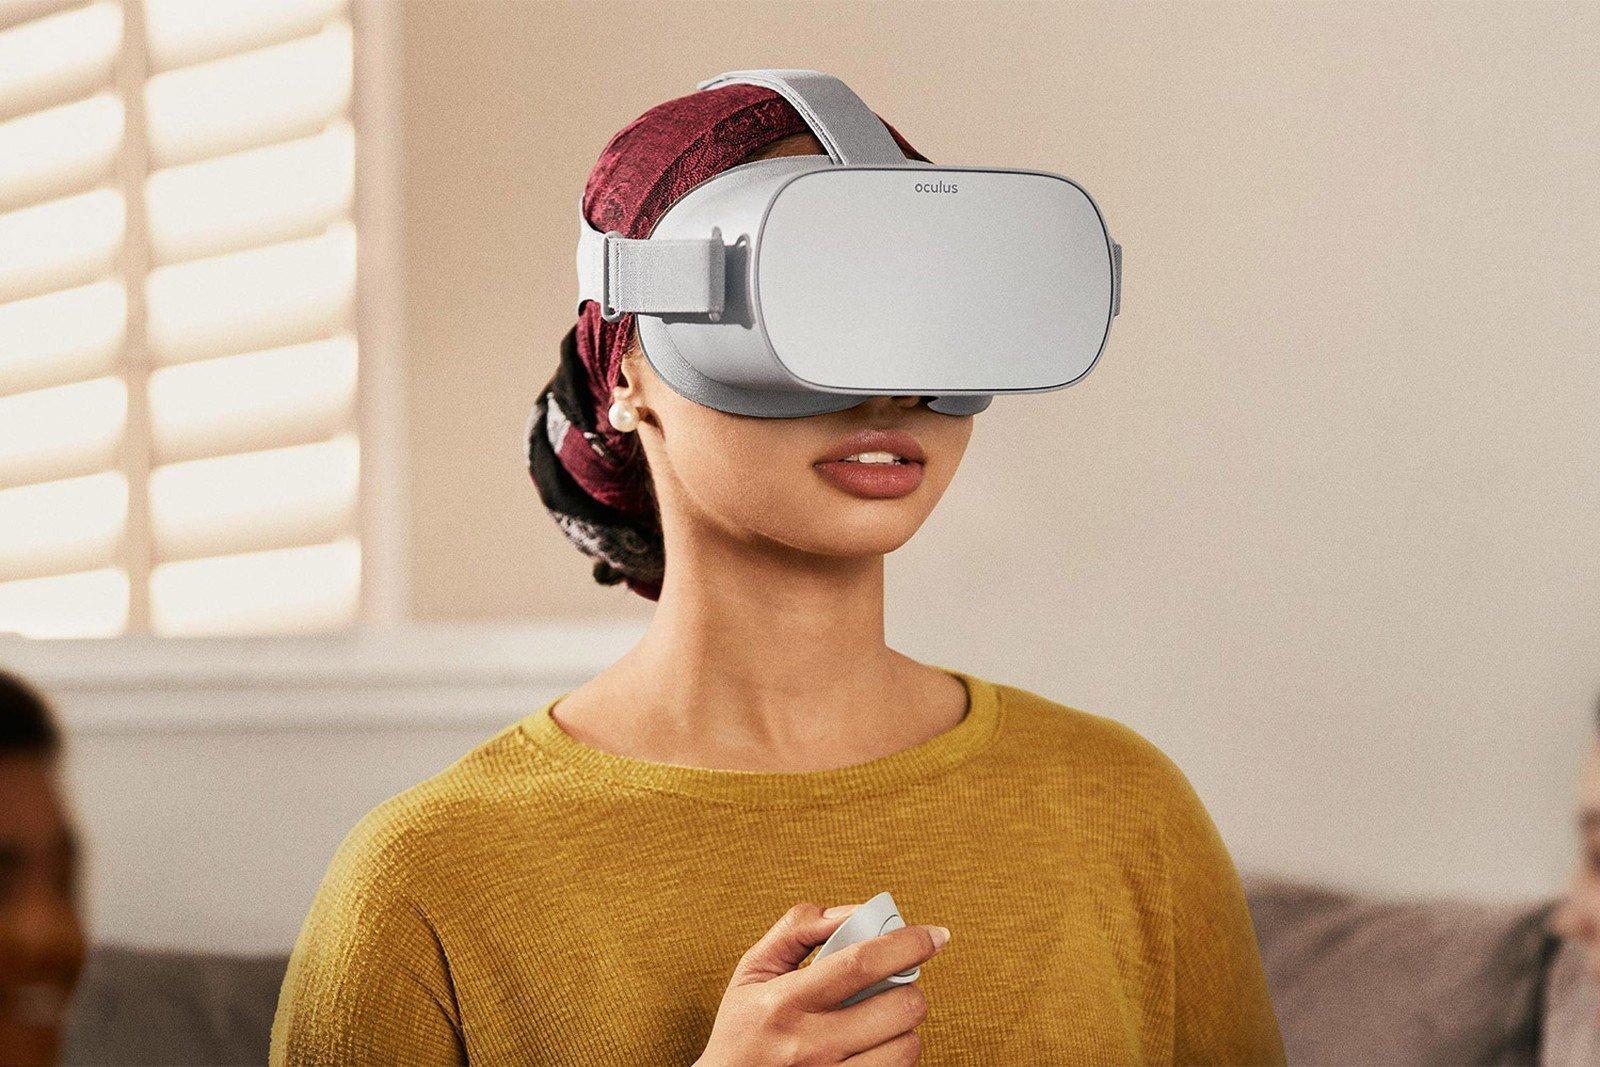 VR expert Oculus Go user